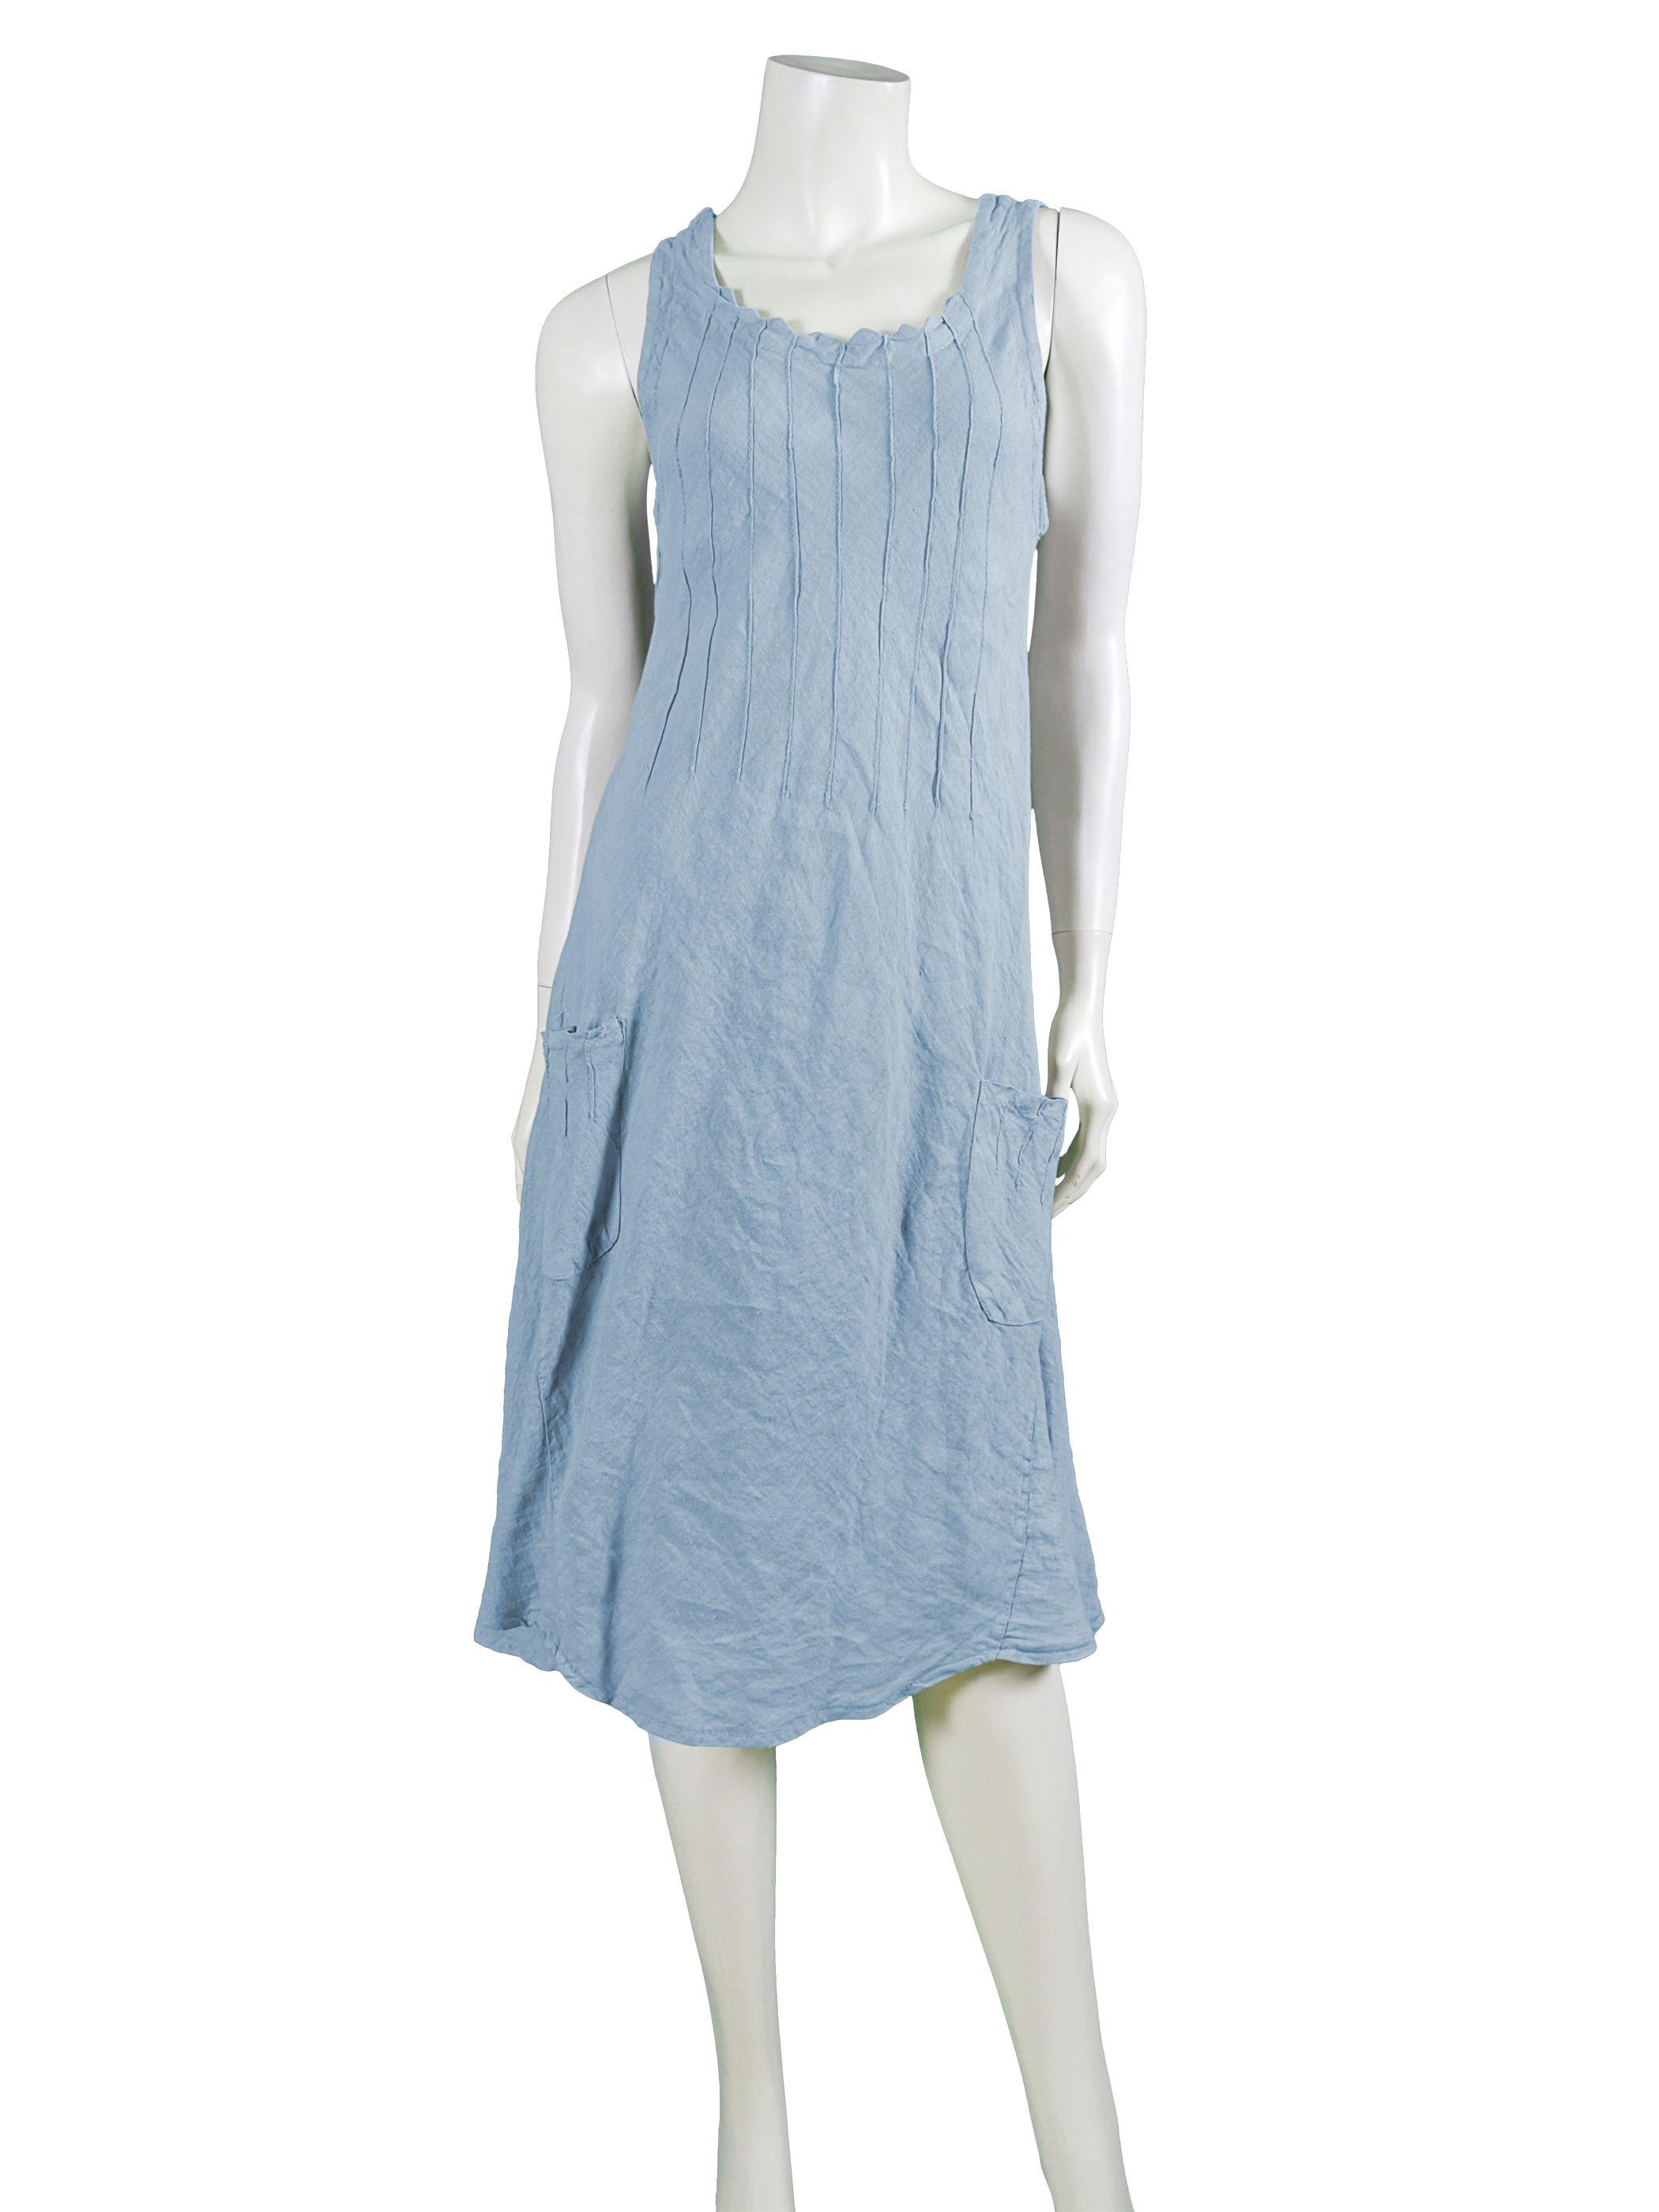 Leinenkleid, hellblau - Diana   Kleider, Leinenkleid ...